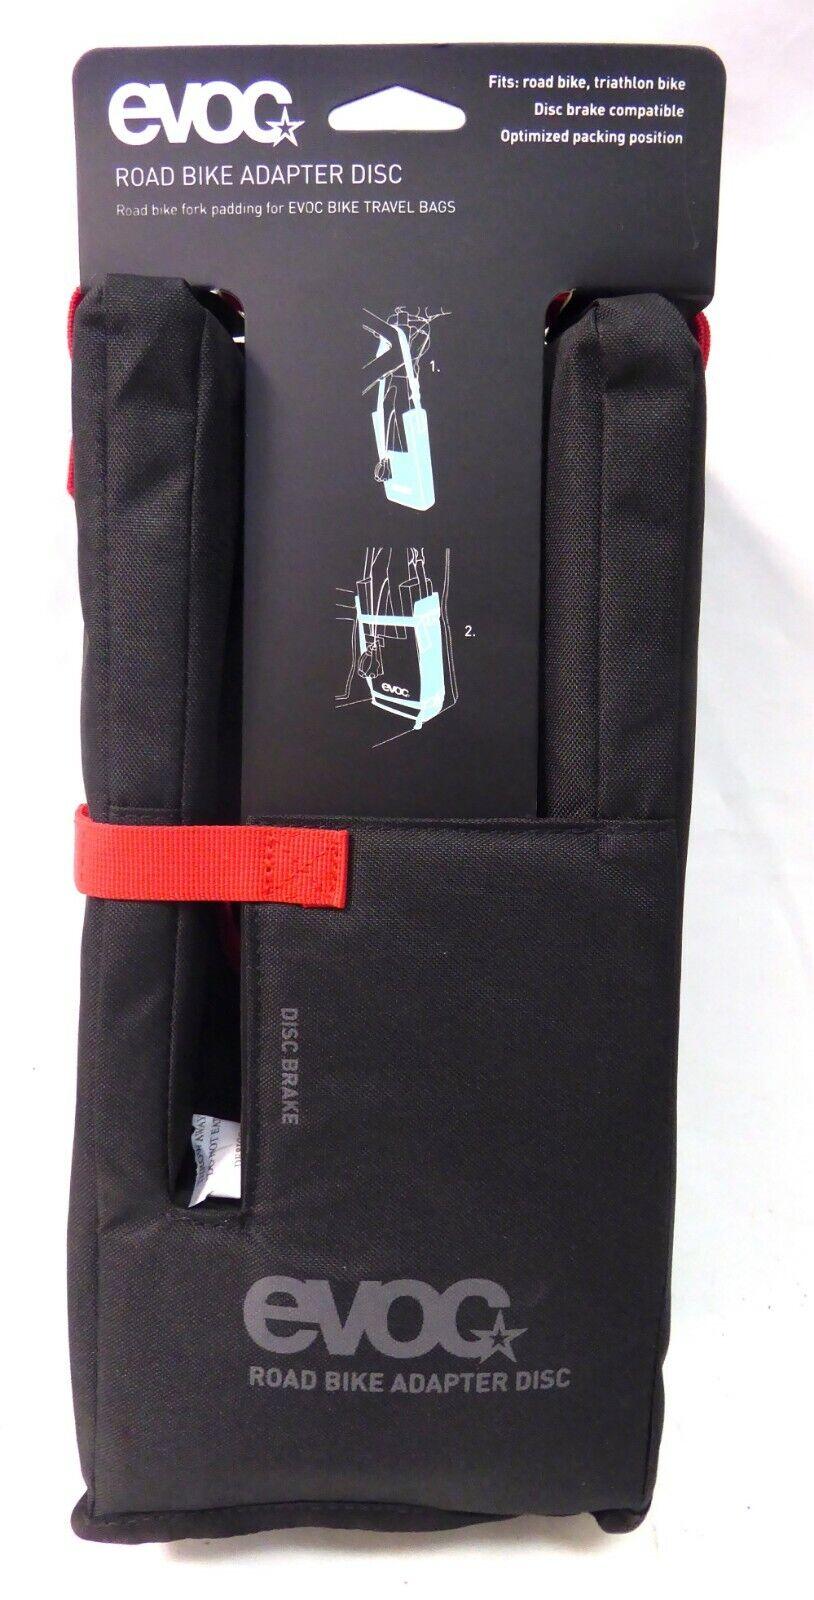 EVOC Road Bike Adapter for EVOC Bike Travel Bags